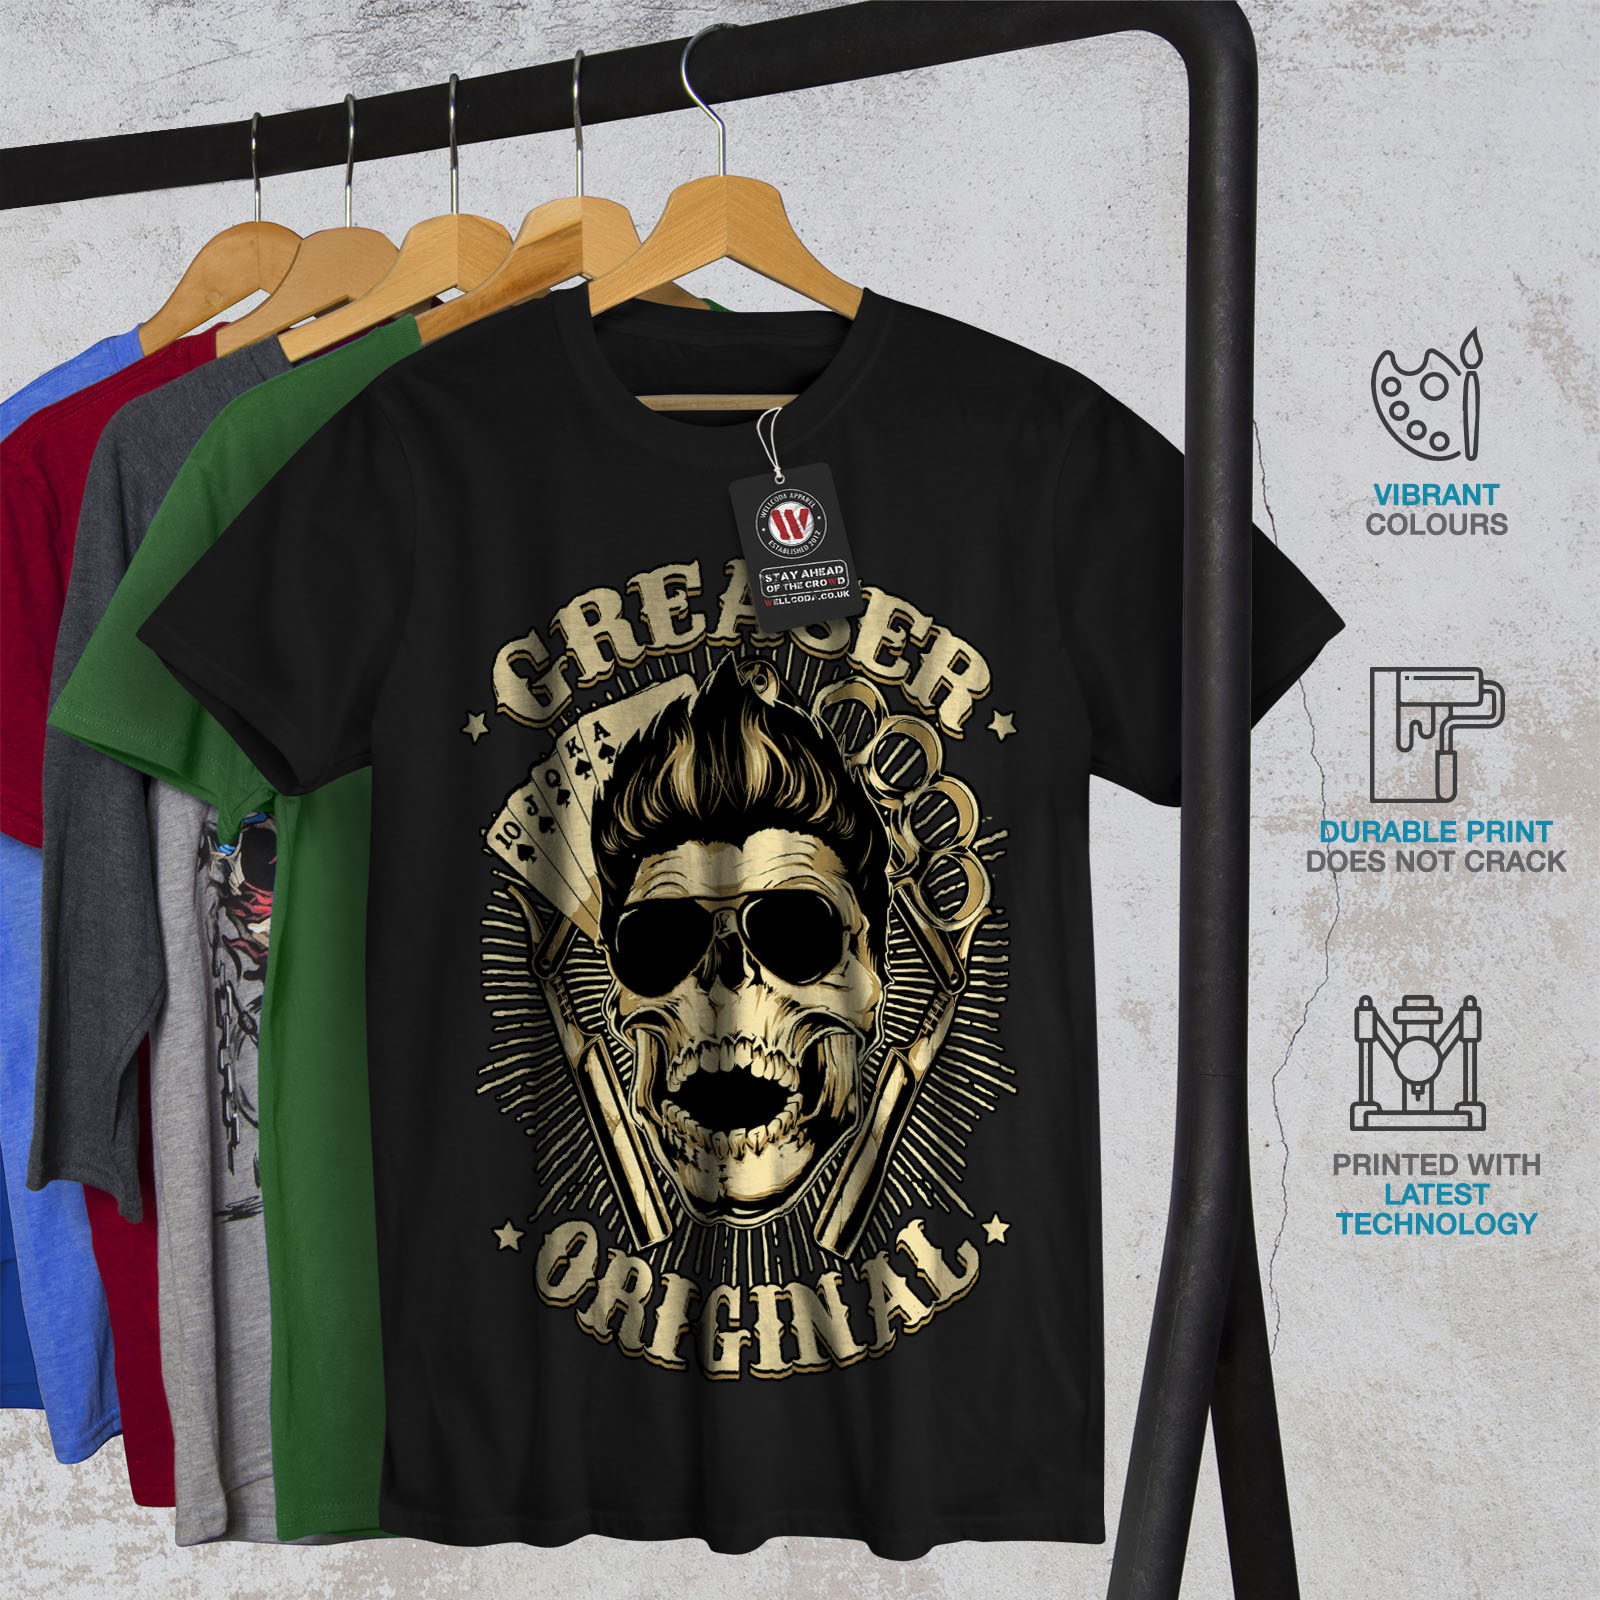 011e32f4f Wellcoda Grease Original Card Mens T-shirt, Casino Graphic Design ...